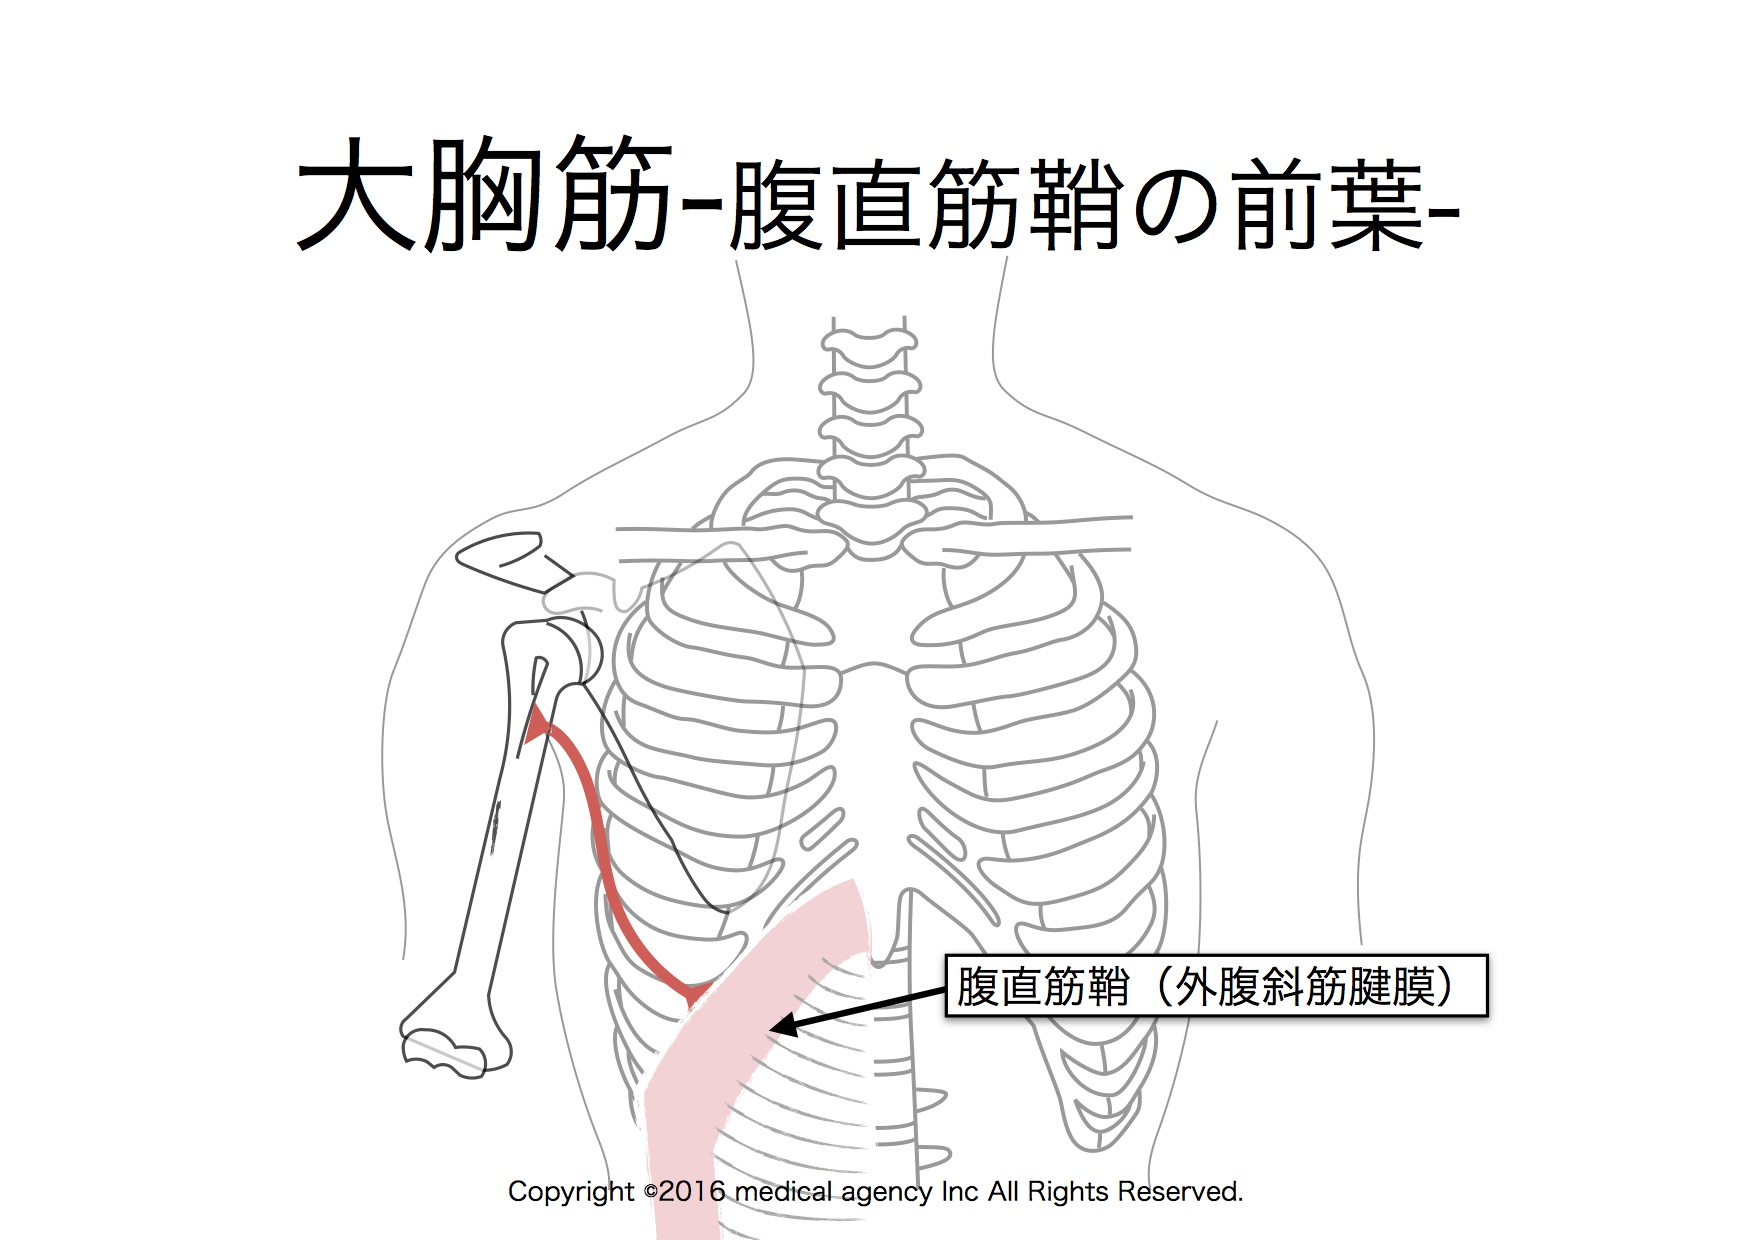 大胸筋 腹部